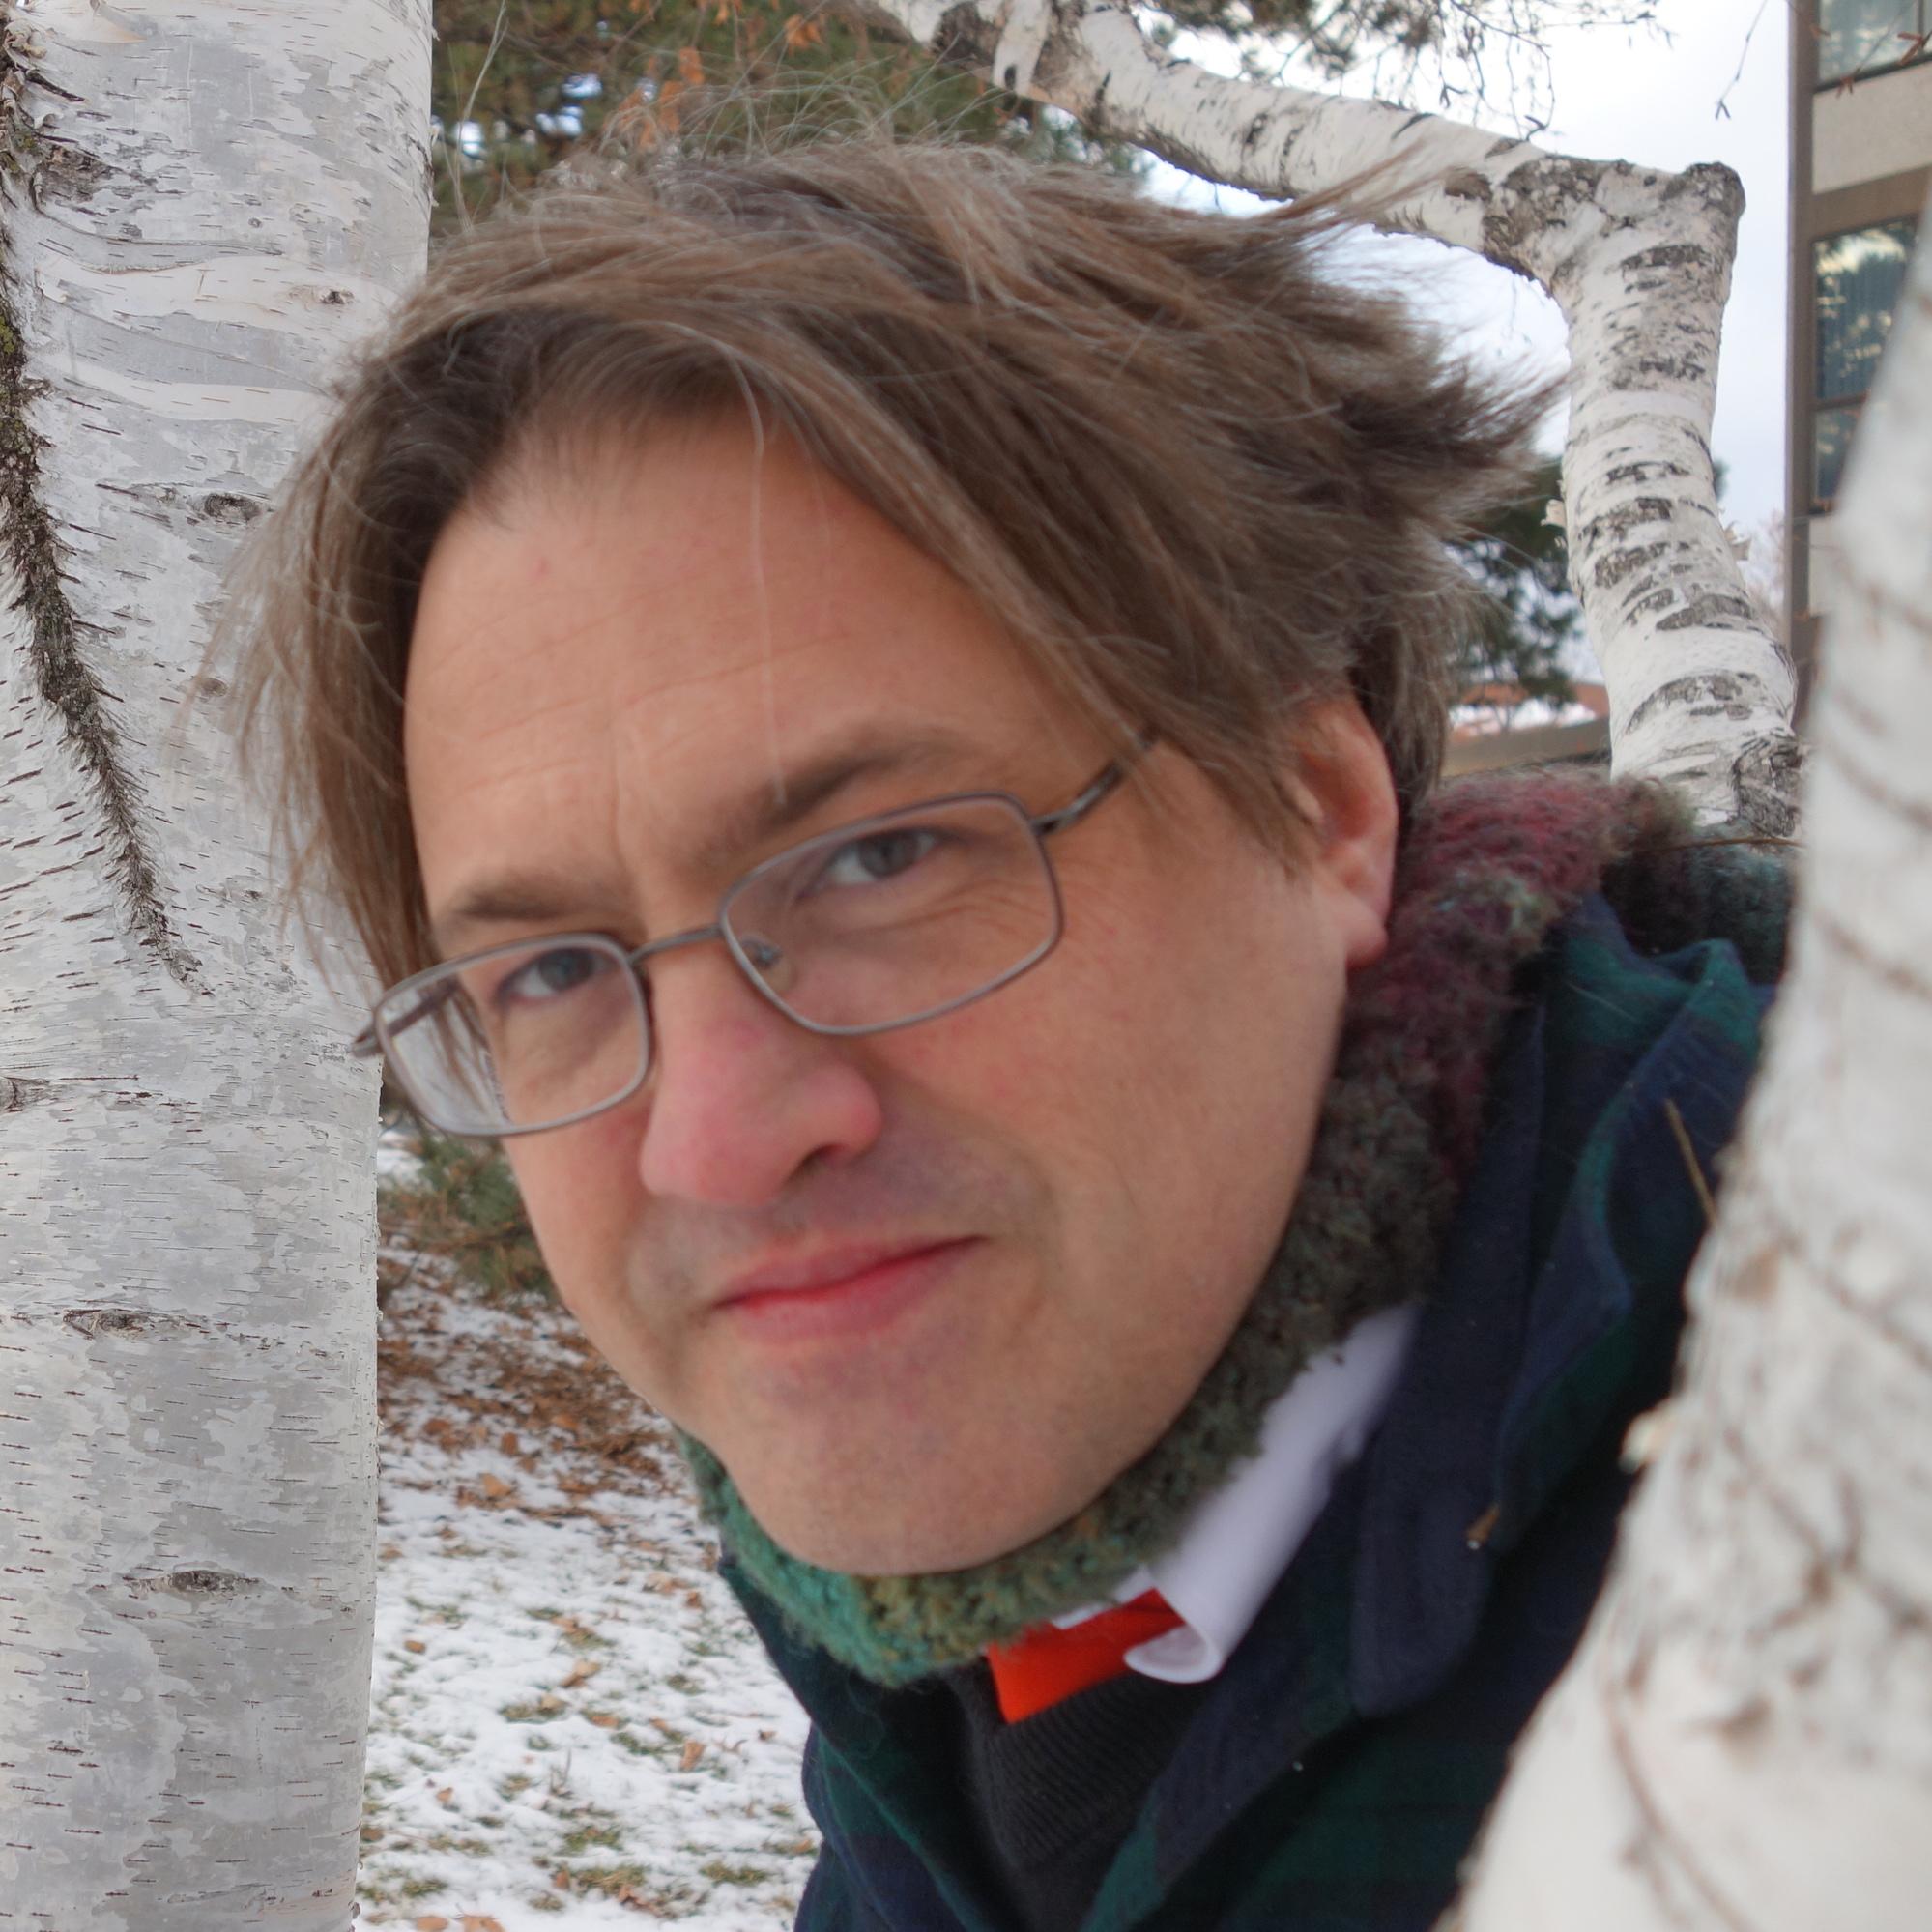 Kurt Knecht | Among Birches